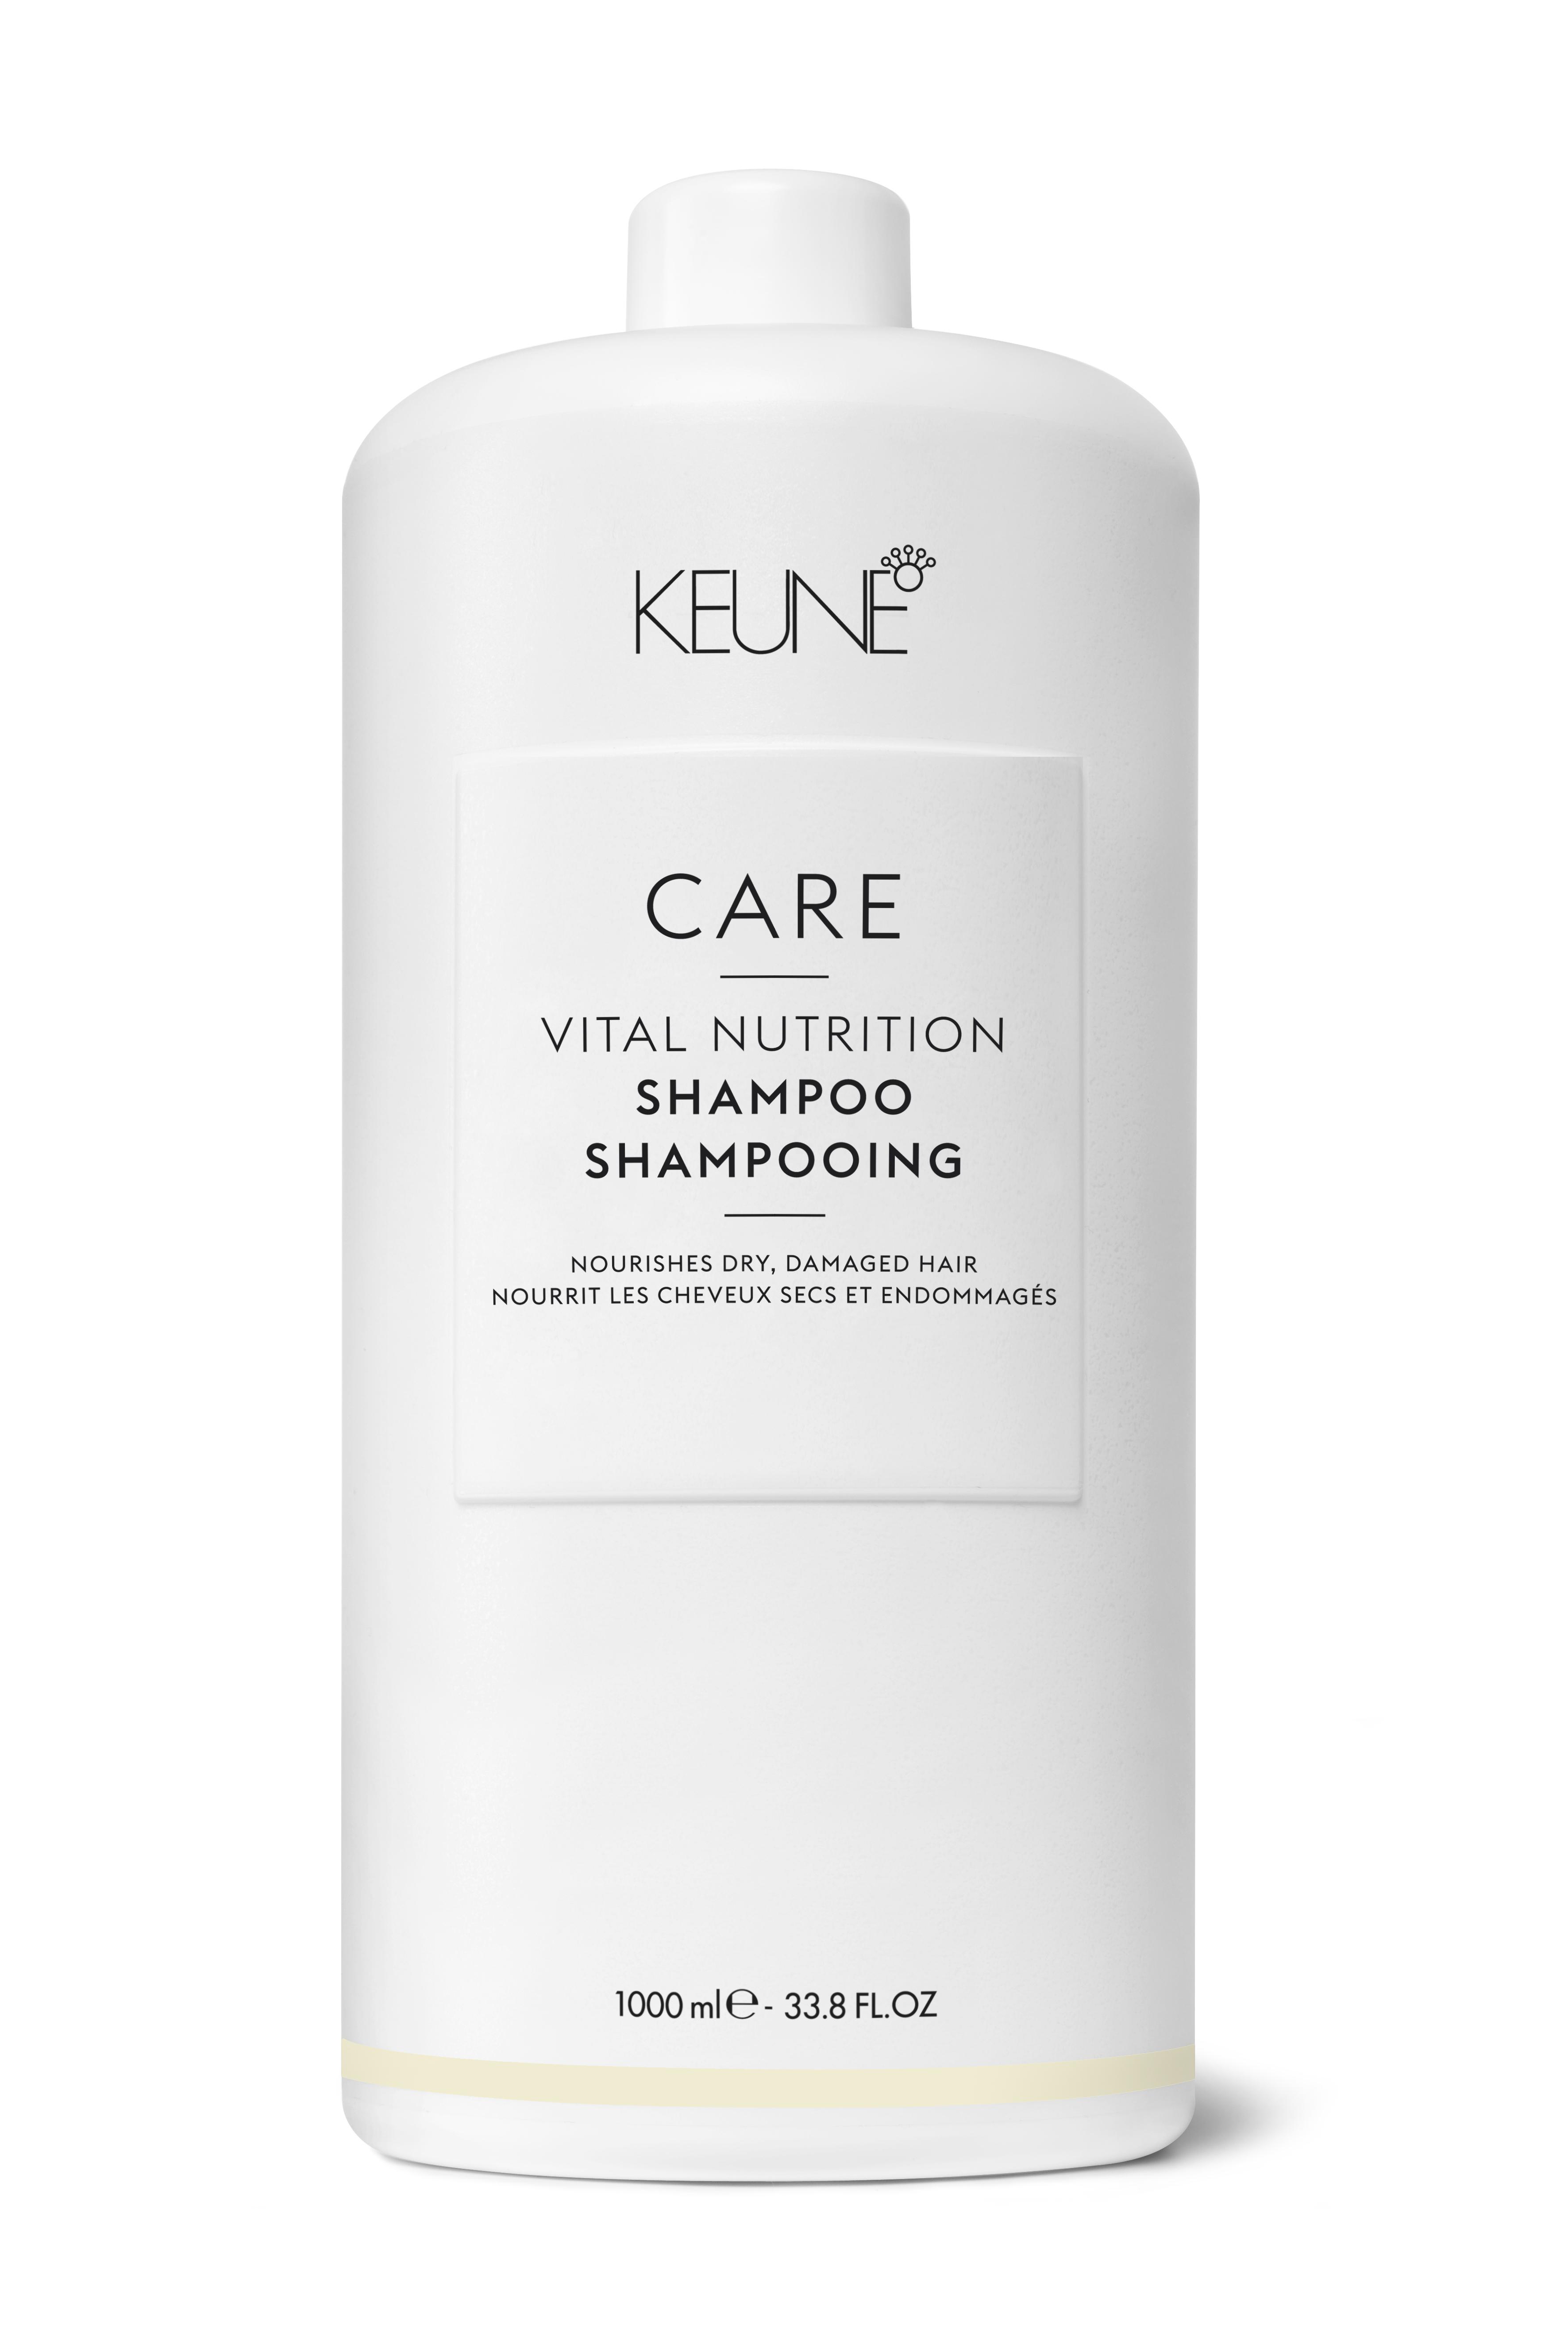 """KEUNE Шампунь """"Основное питание"""" / CARE Vital Nutrition Shampoo 1000мл недорого"""